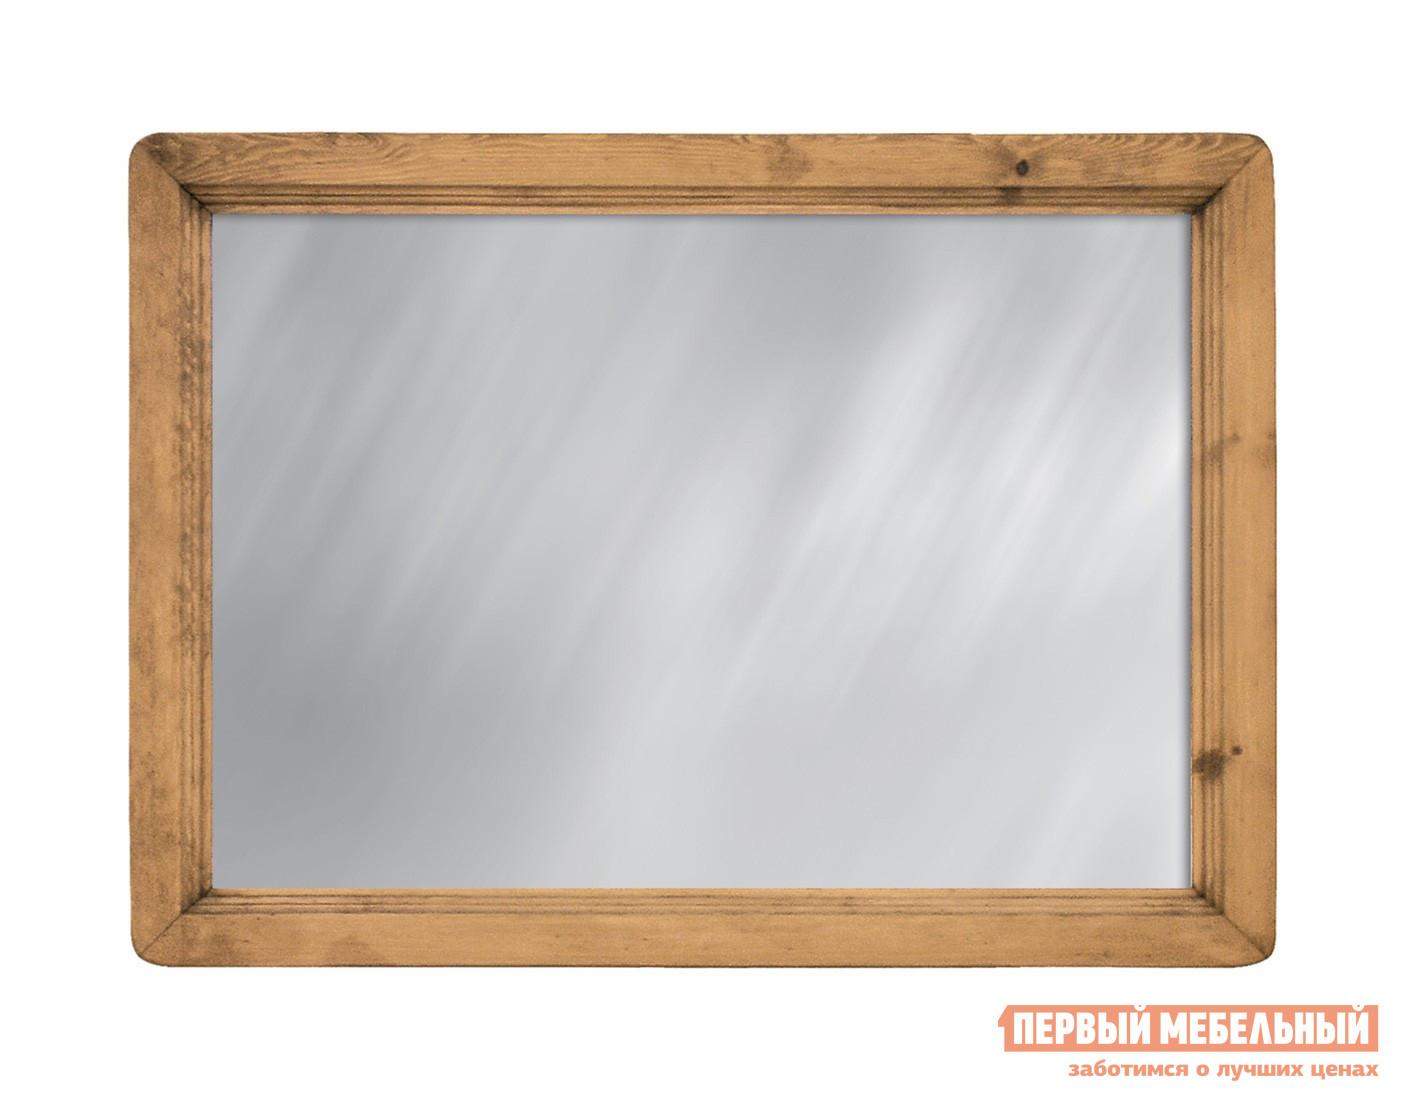 Настенное зеркало Волшебная сосна MIRMEX 110 x 80 волшебная сосна комод волшебная сосна confiturier roberto массив сосны